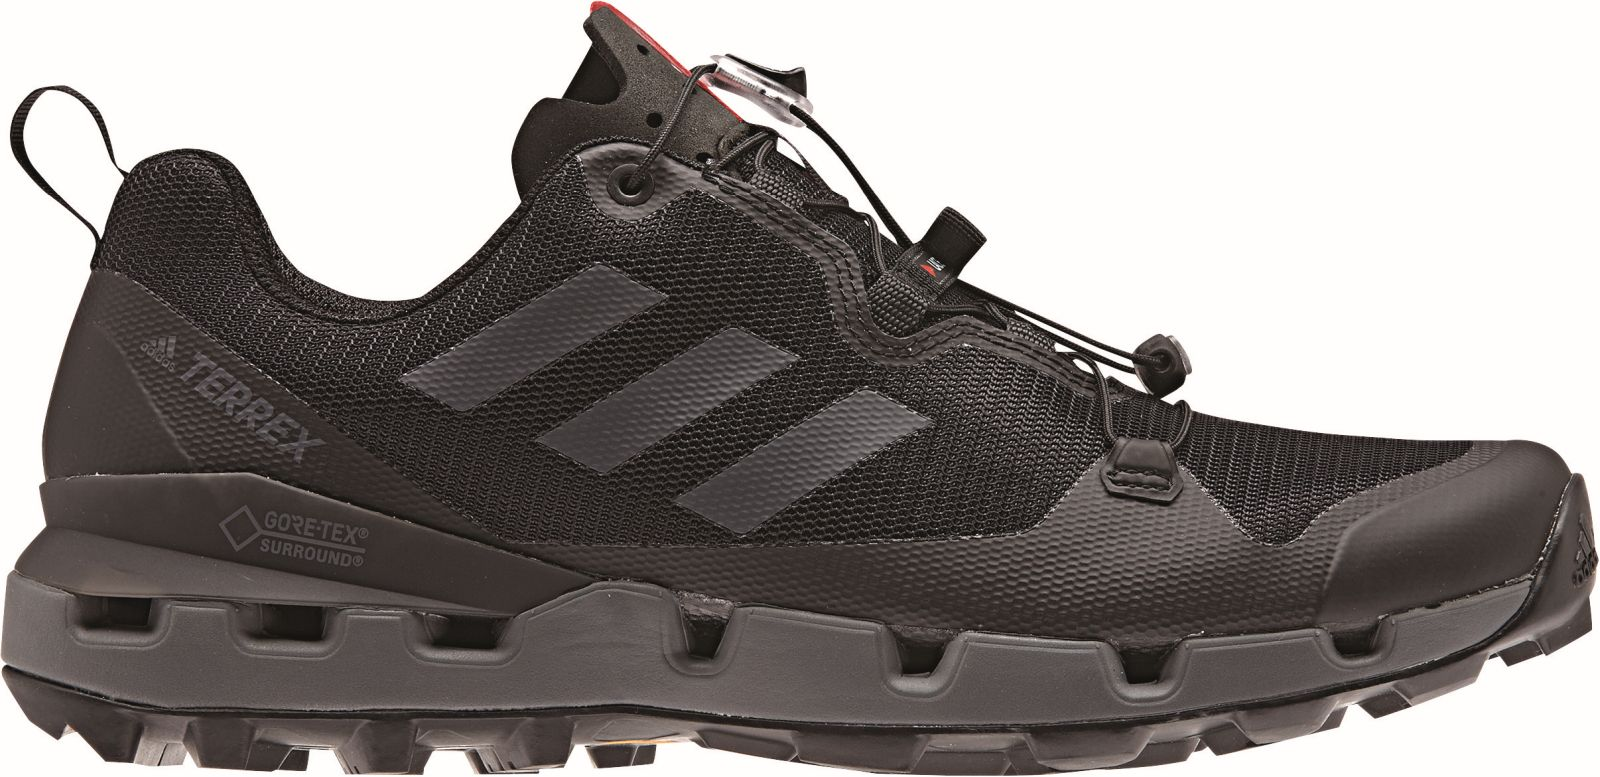 Details zu adidas Performance Herren Outdoor Wander Schuh TERREX FAST GTX SURROUND schwarz